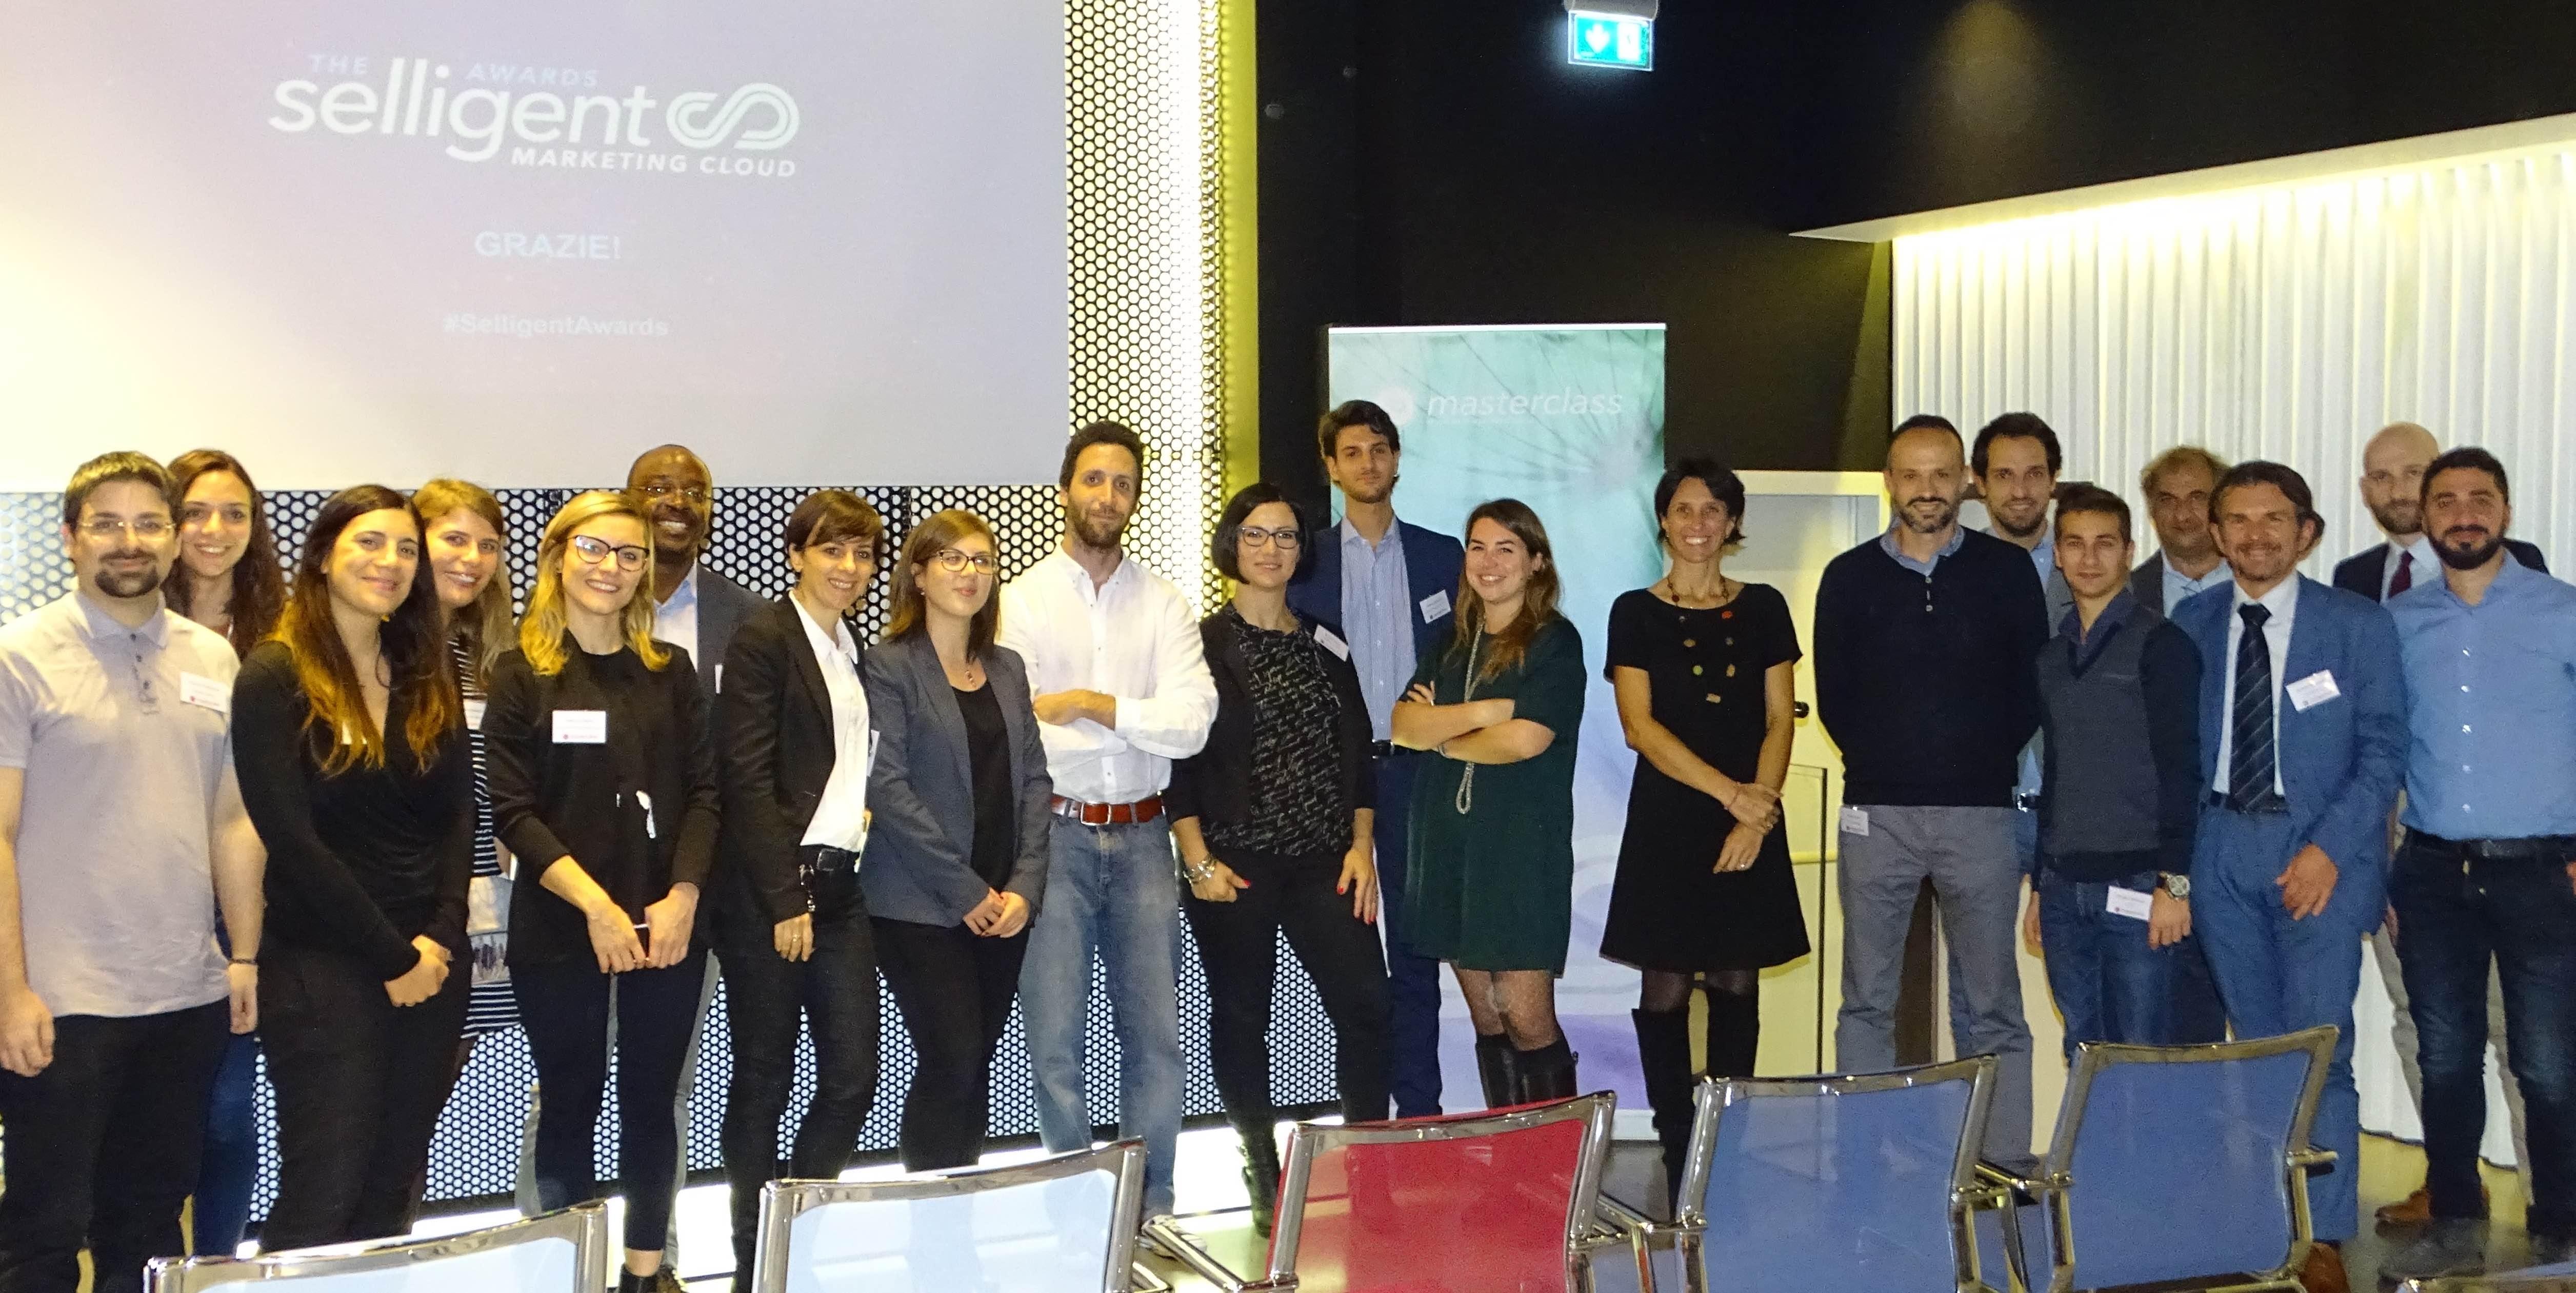 Selligent Awards2018: i vincitori dell'edizione italiana